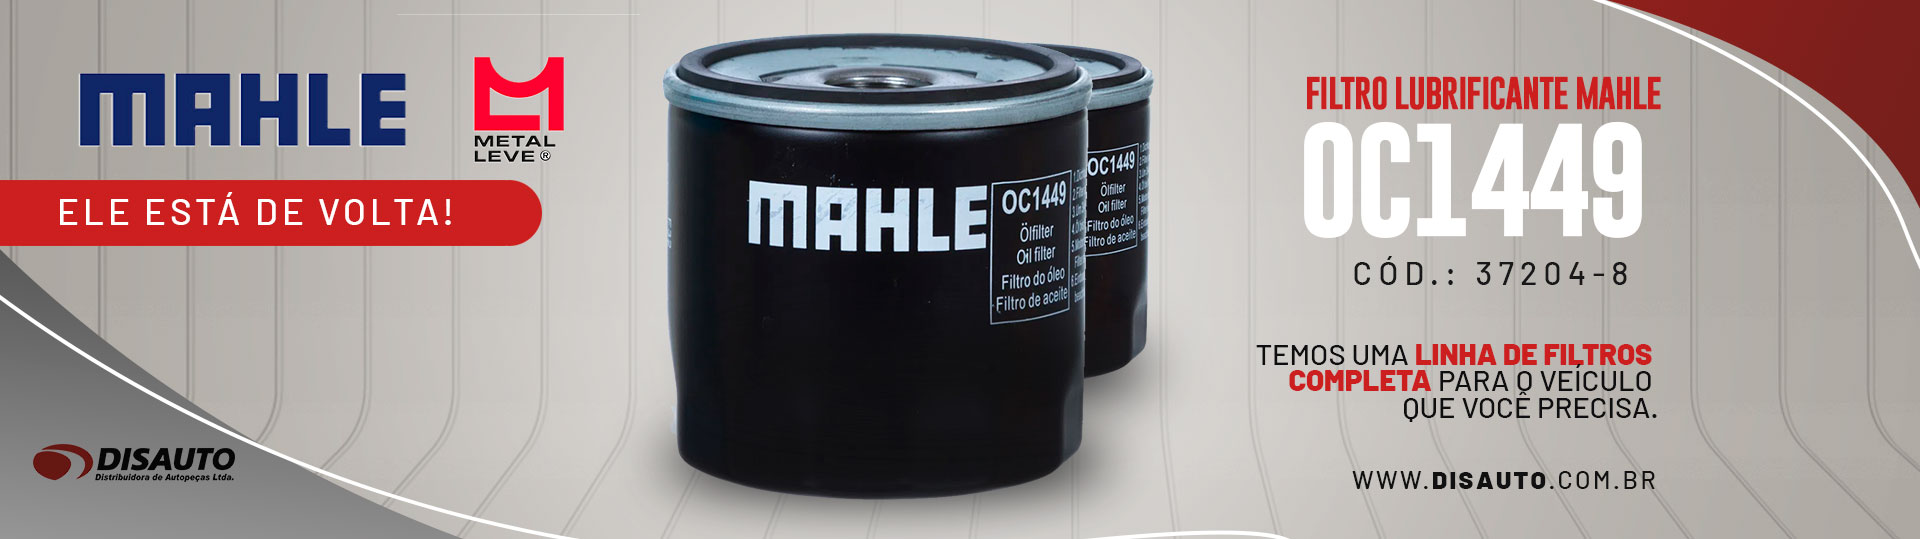 Filtro Lubrificante Mahle